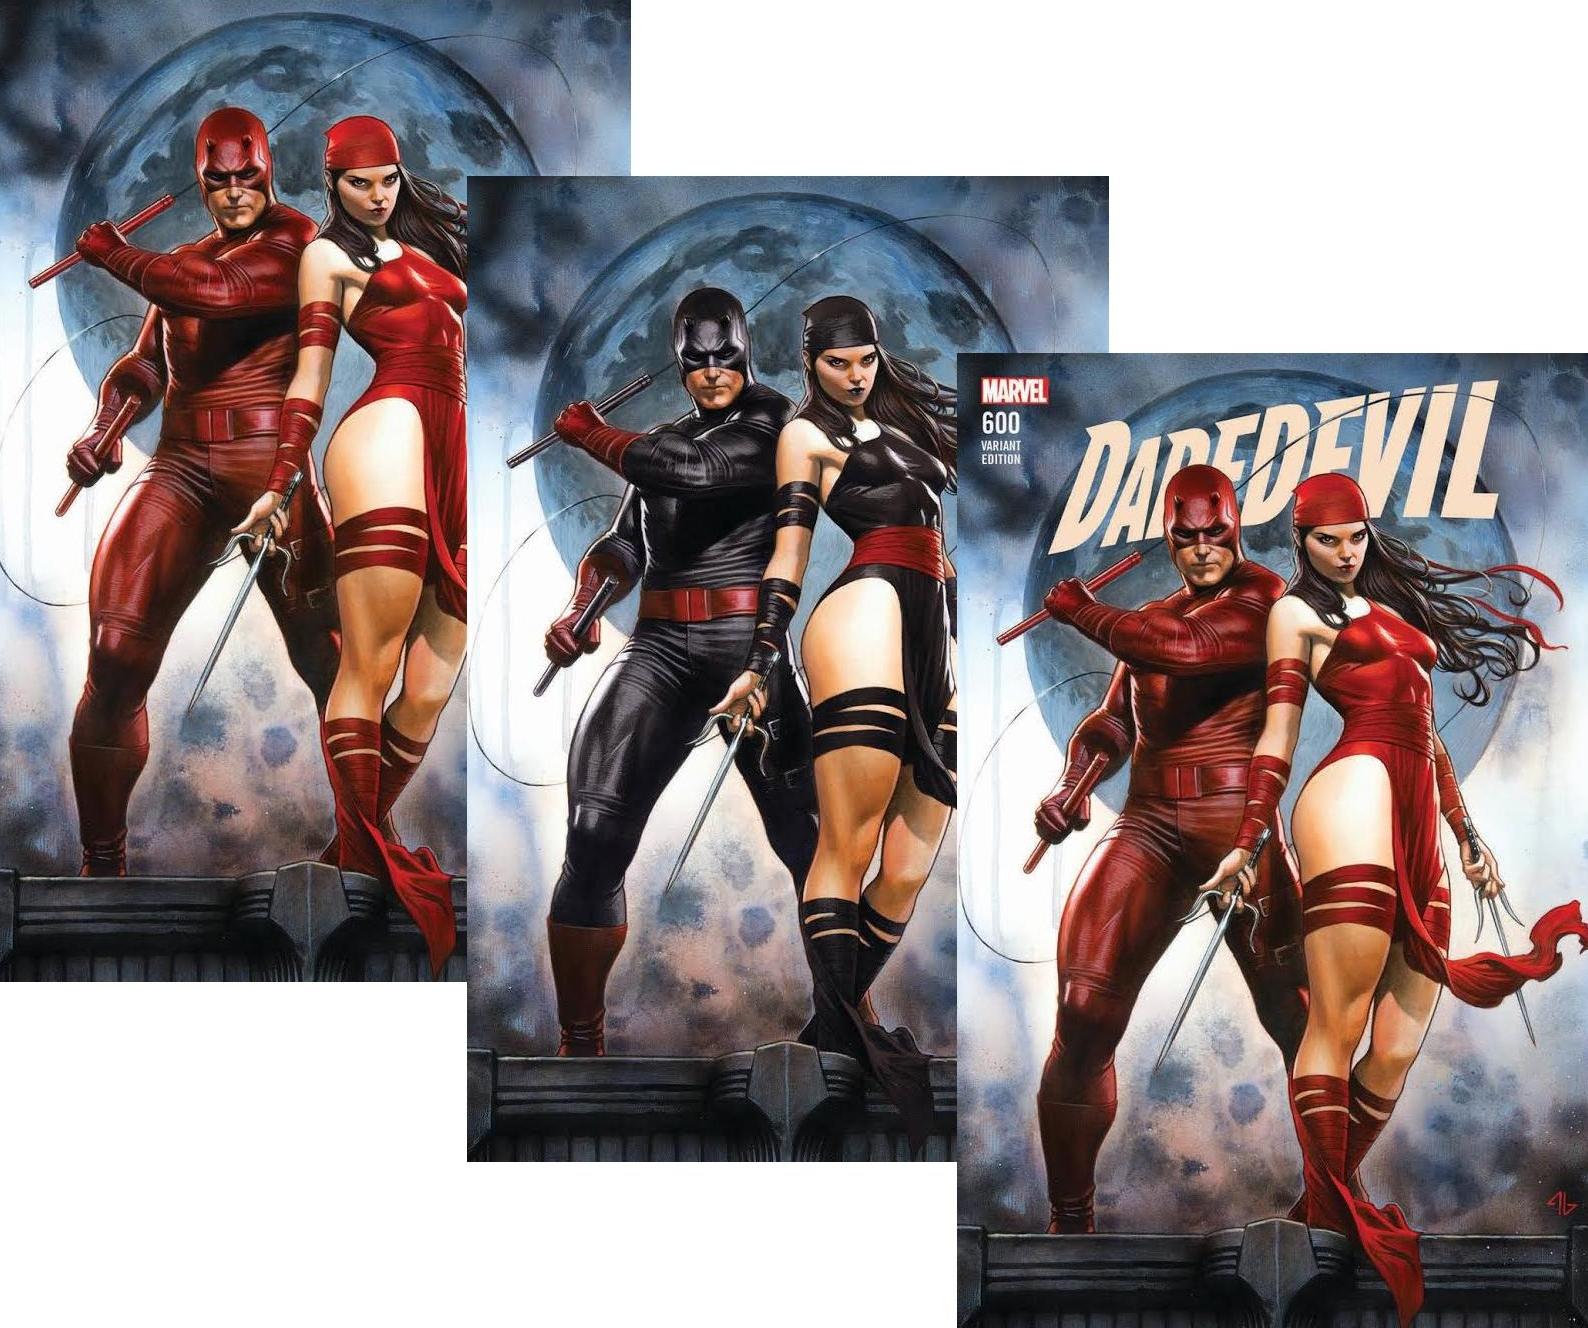 daredevil covers.jpg